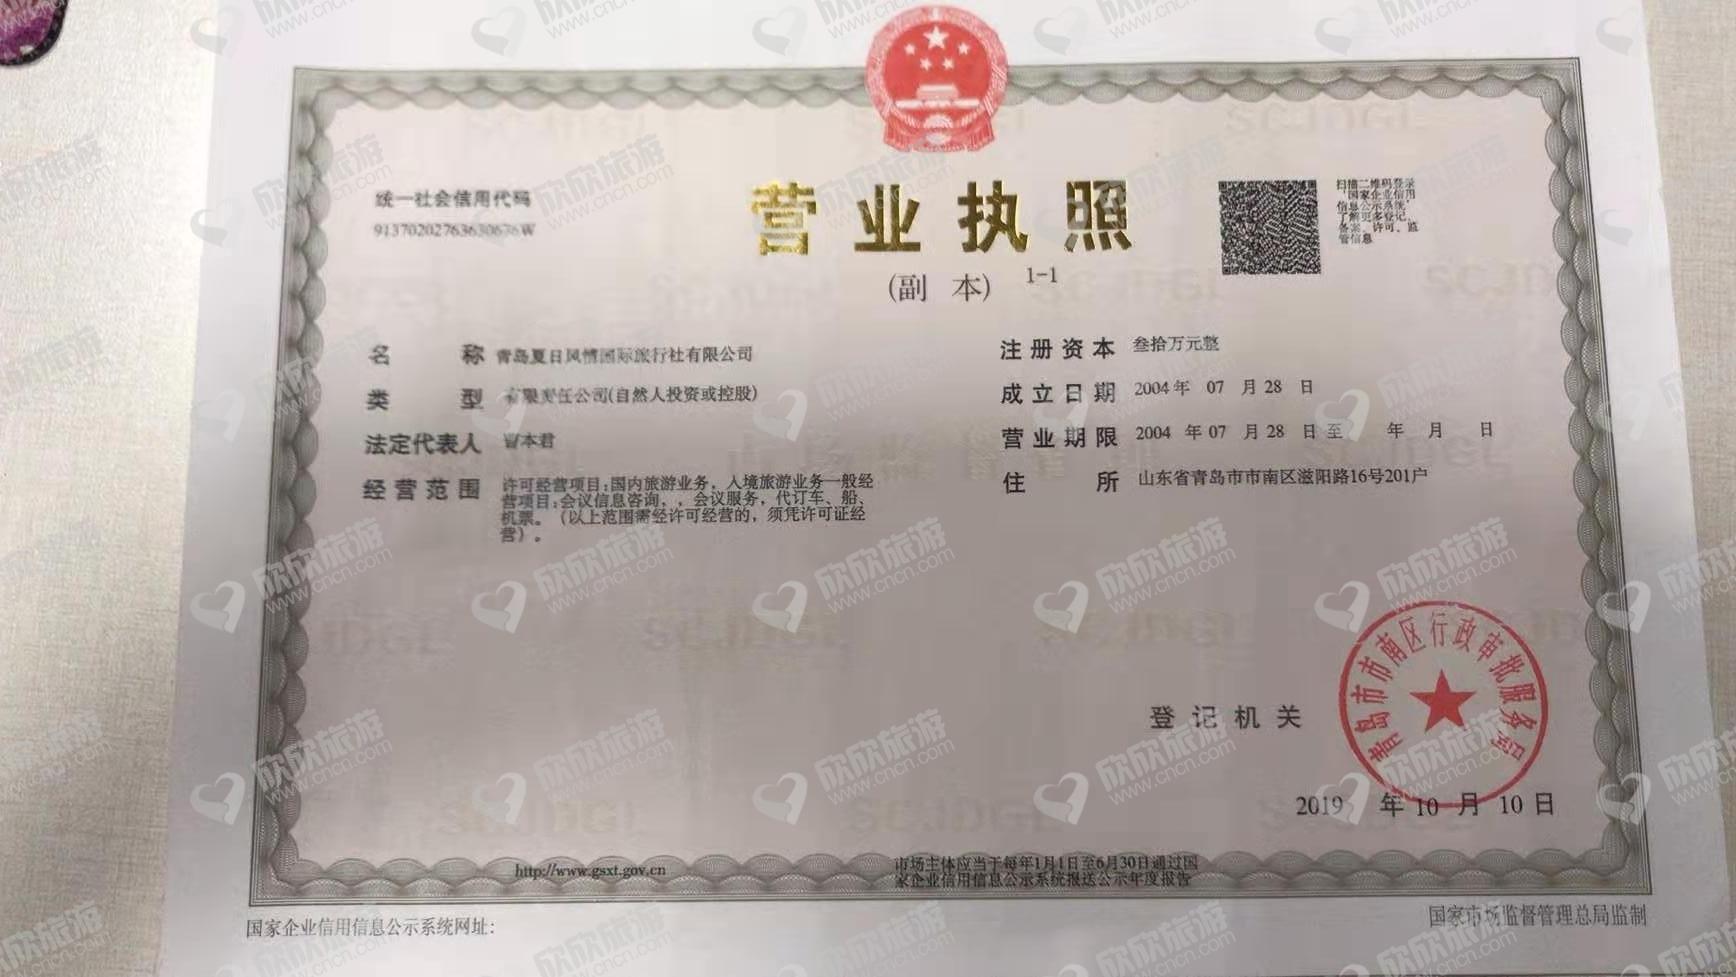 青岛锦江假日国际旅行社有限公司营业执照